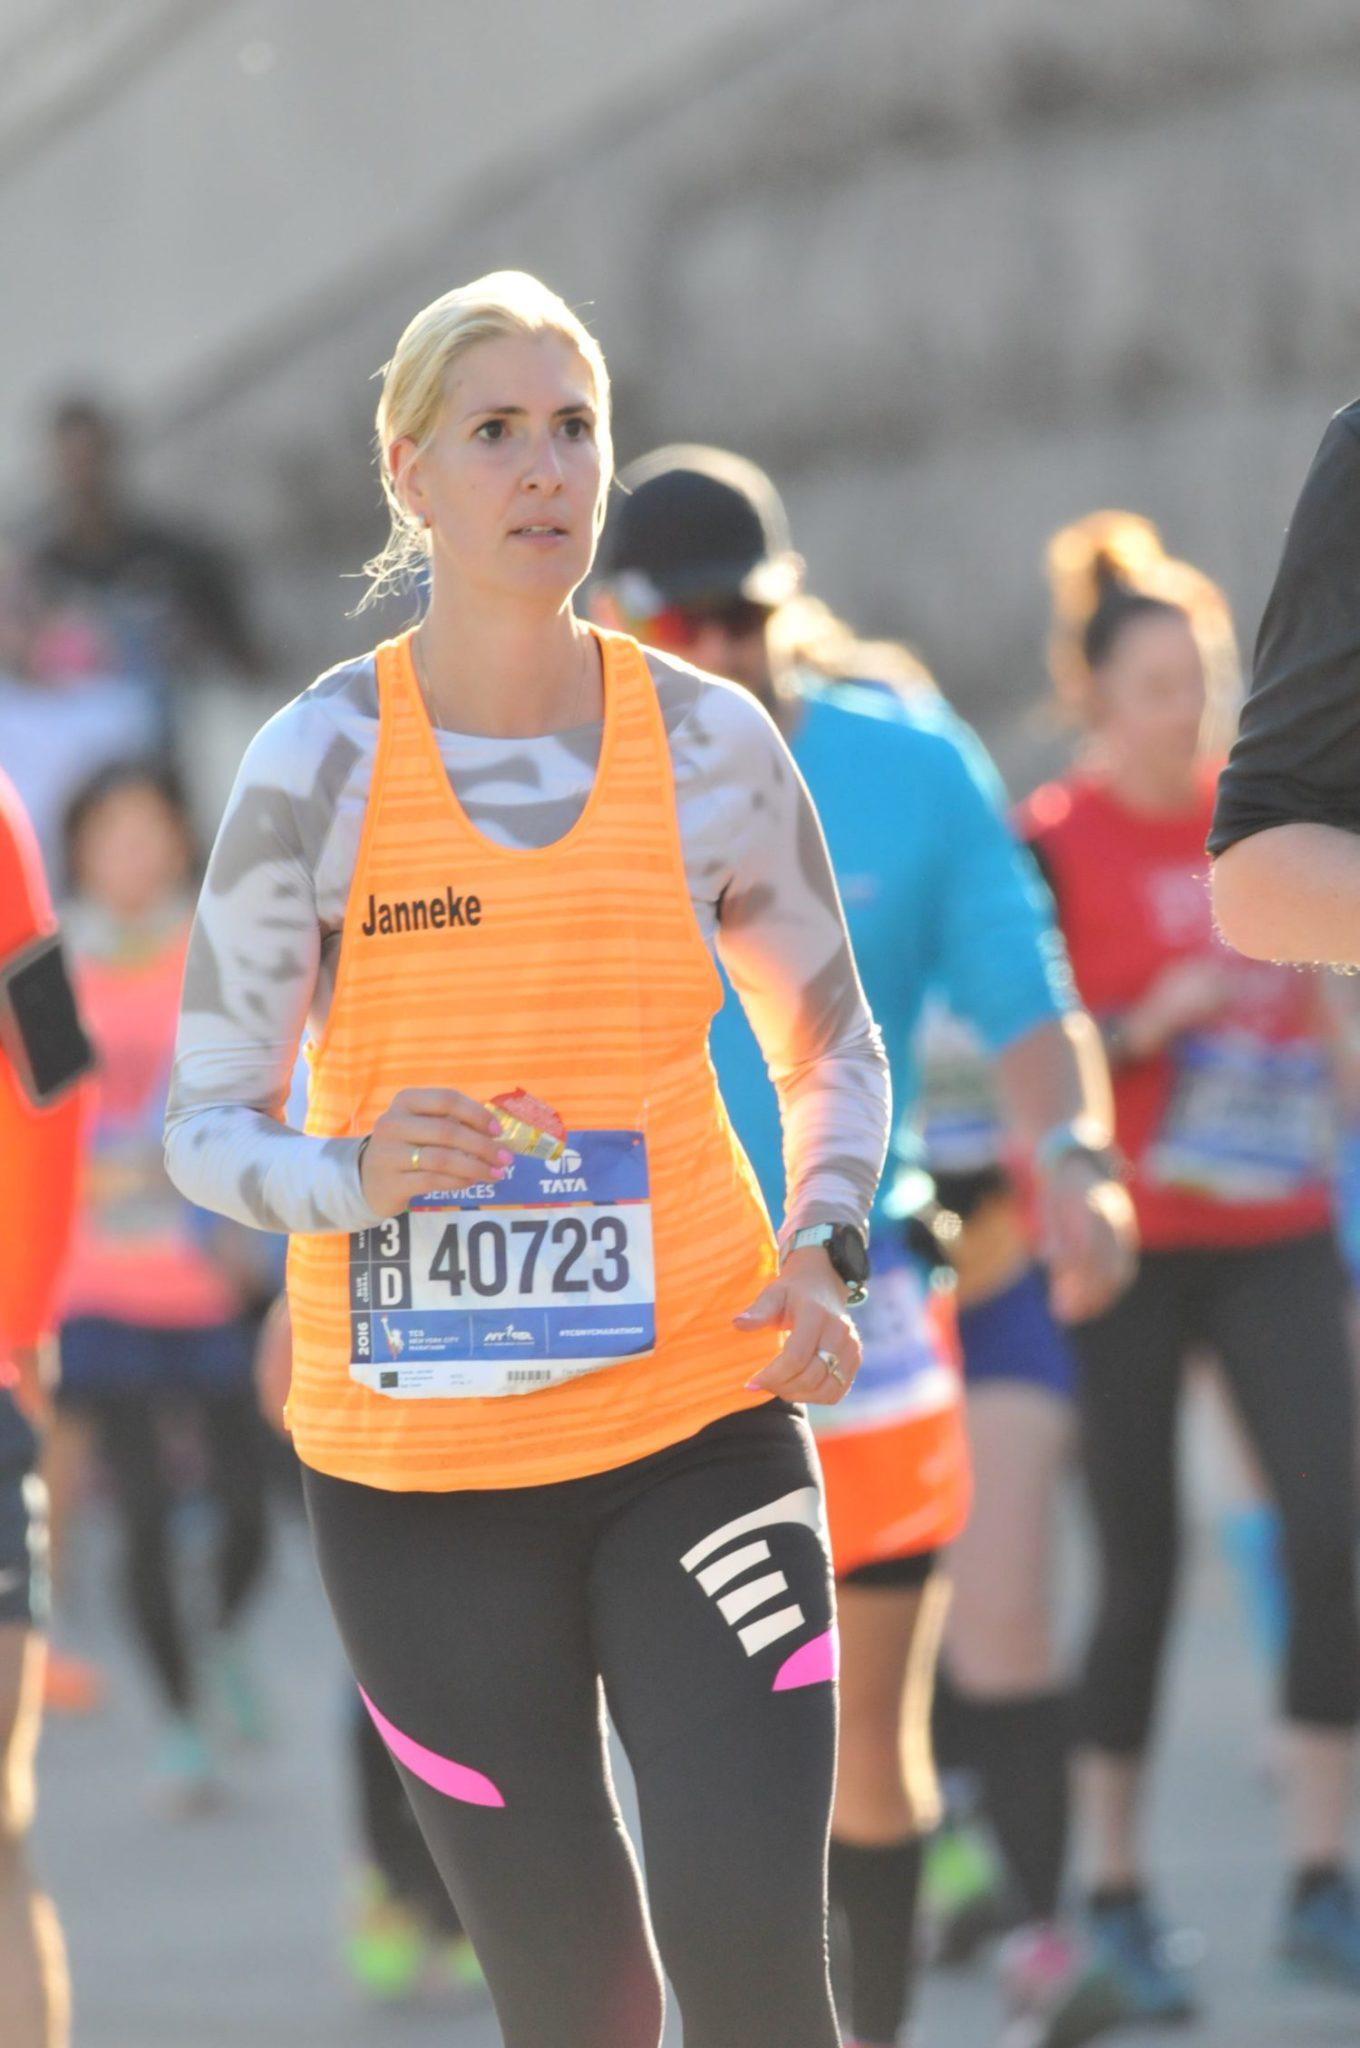 janneke van valkenburg met reuma in het revalidatiecentrum tot lopen van de NYC marathon